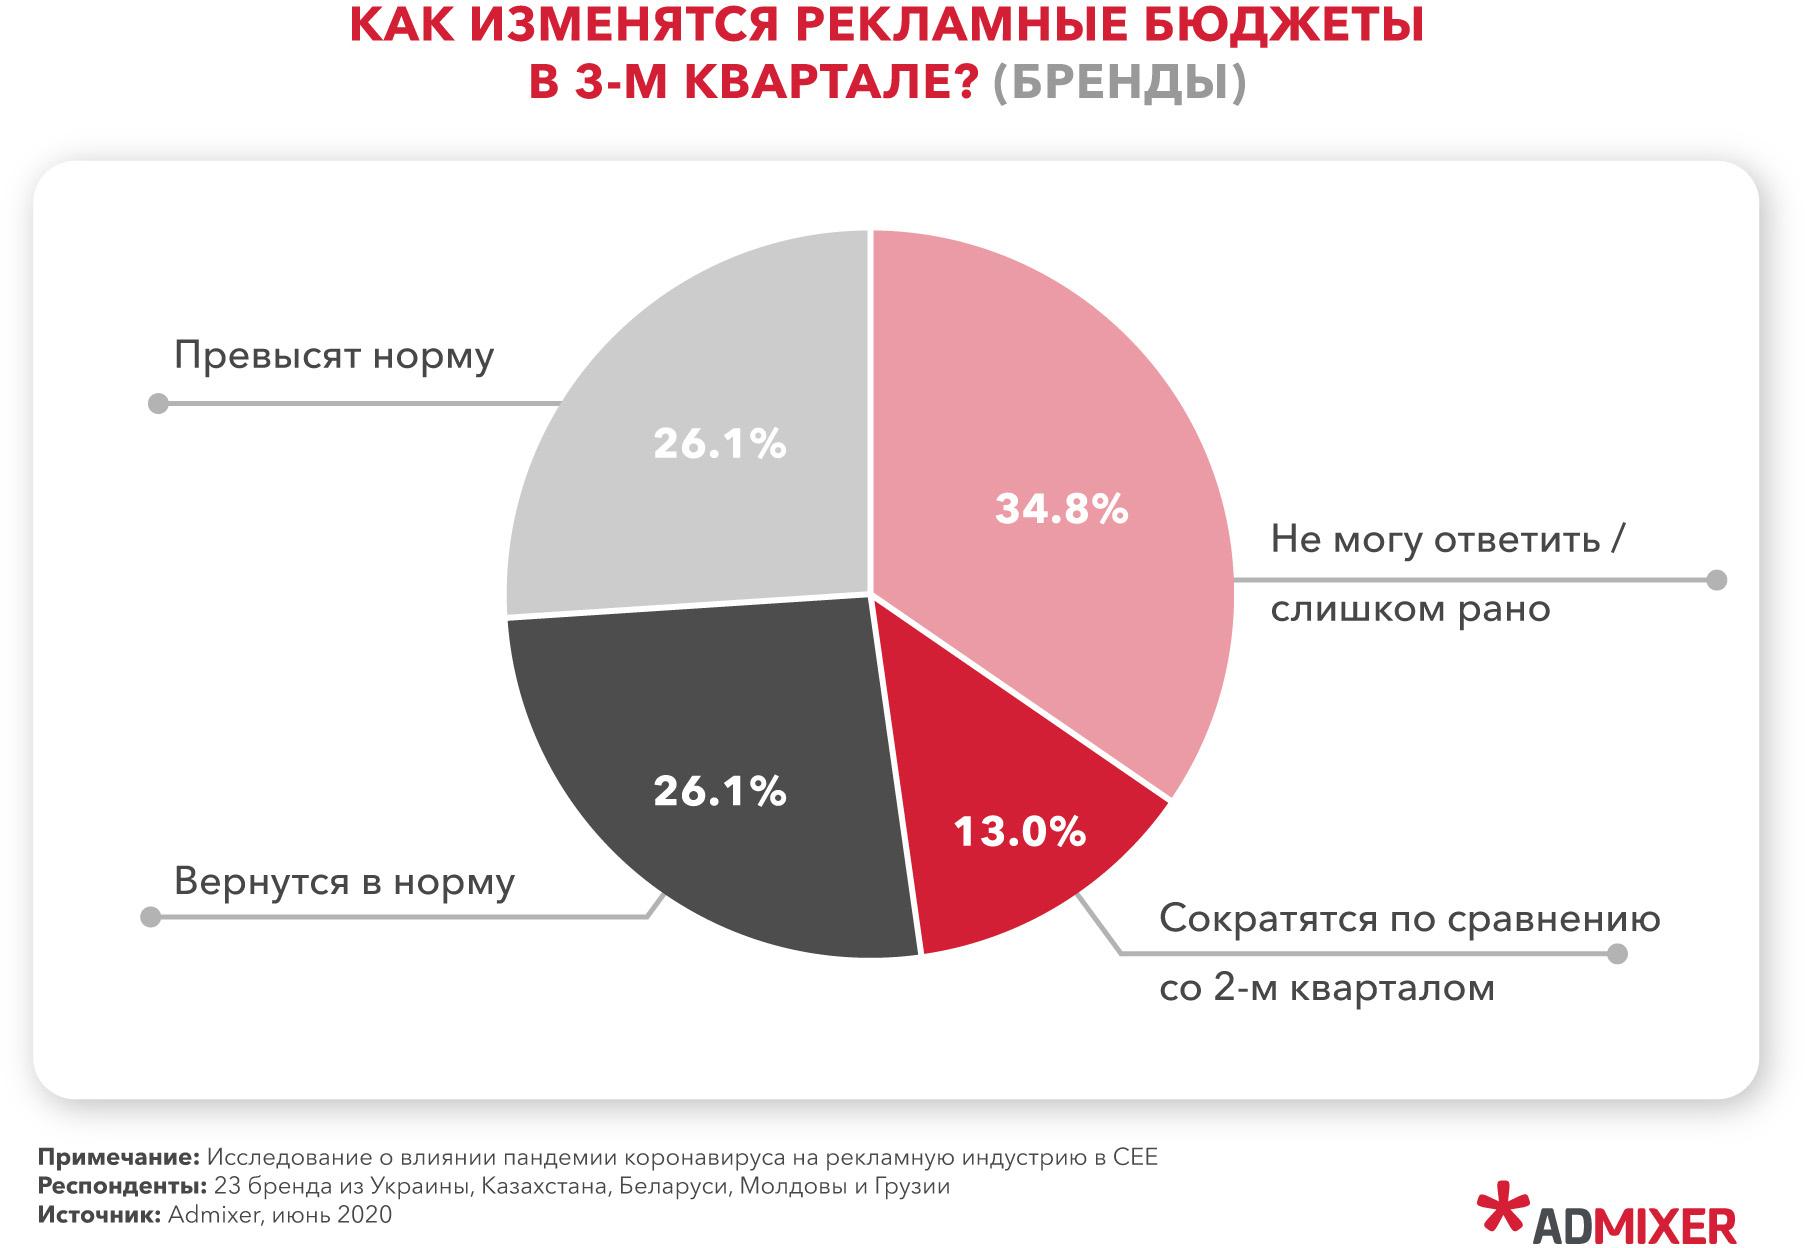 26% бренд-маркетологов уверены, что в 3 квартале бюджеты на рекламу придут к докризисным показателям